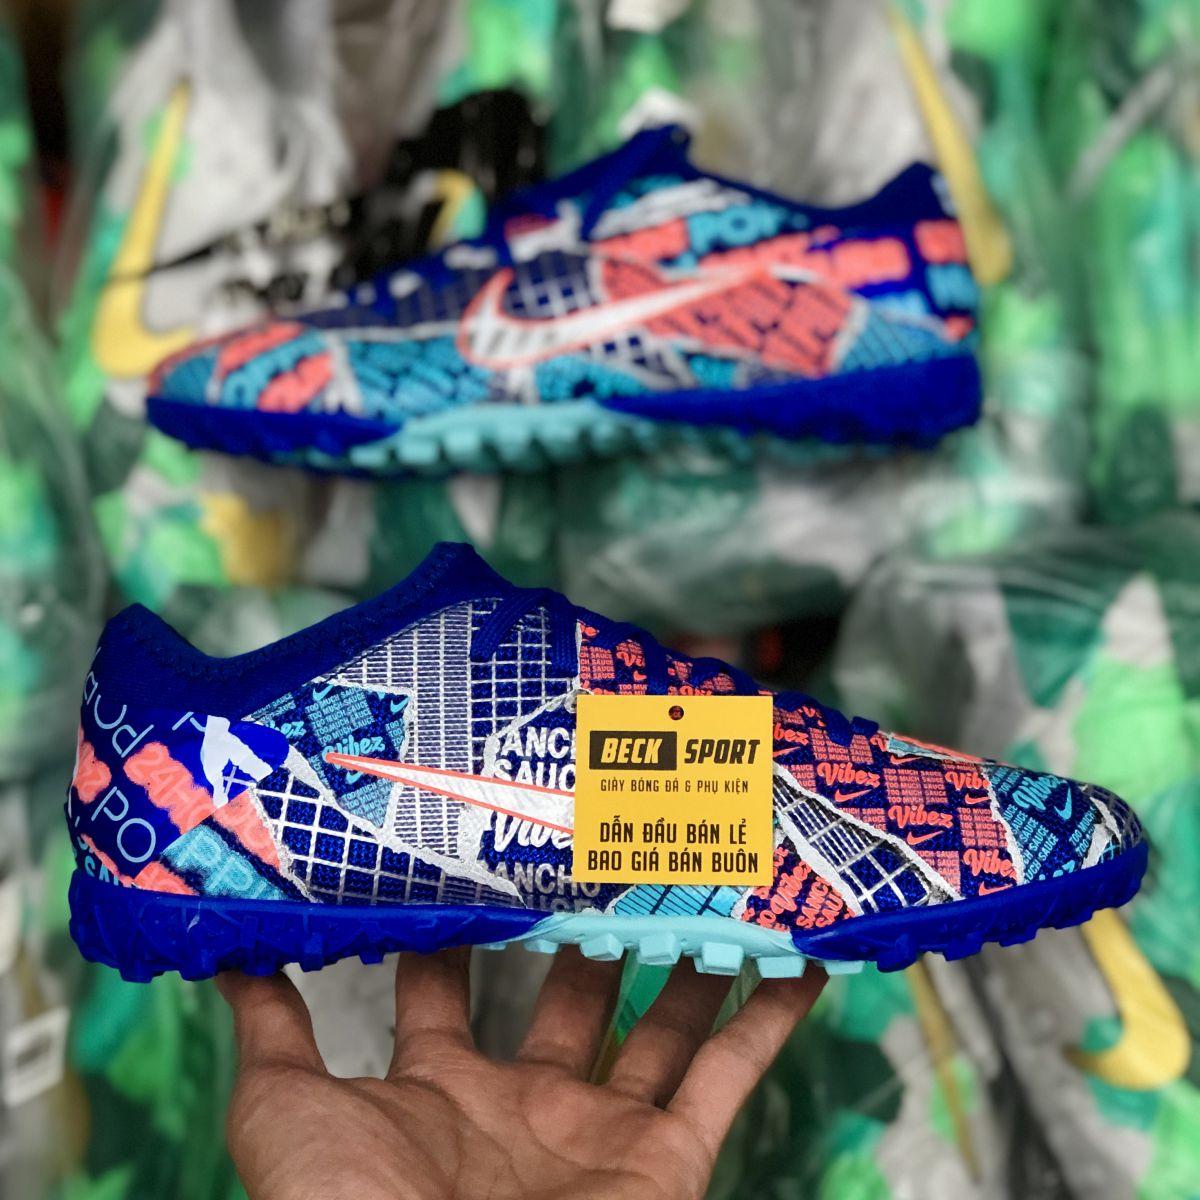 Giày Bóng Đá Nike Mercurial Vapor 13 Pro Jadon Sancho Xanh Biển Vạch Trắng V2 TF